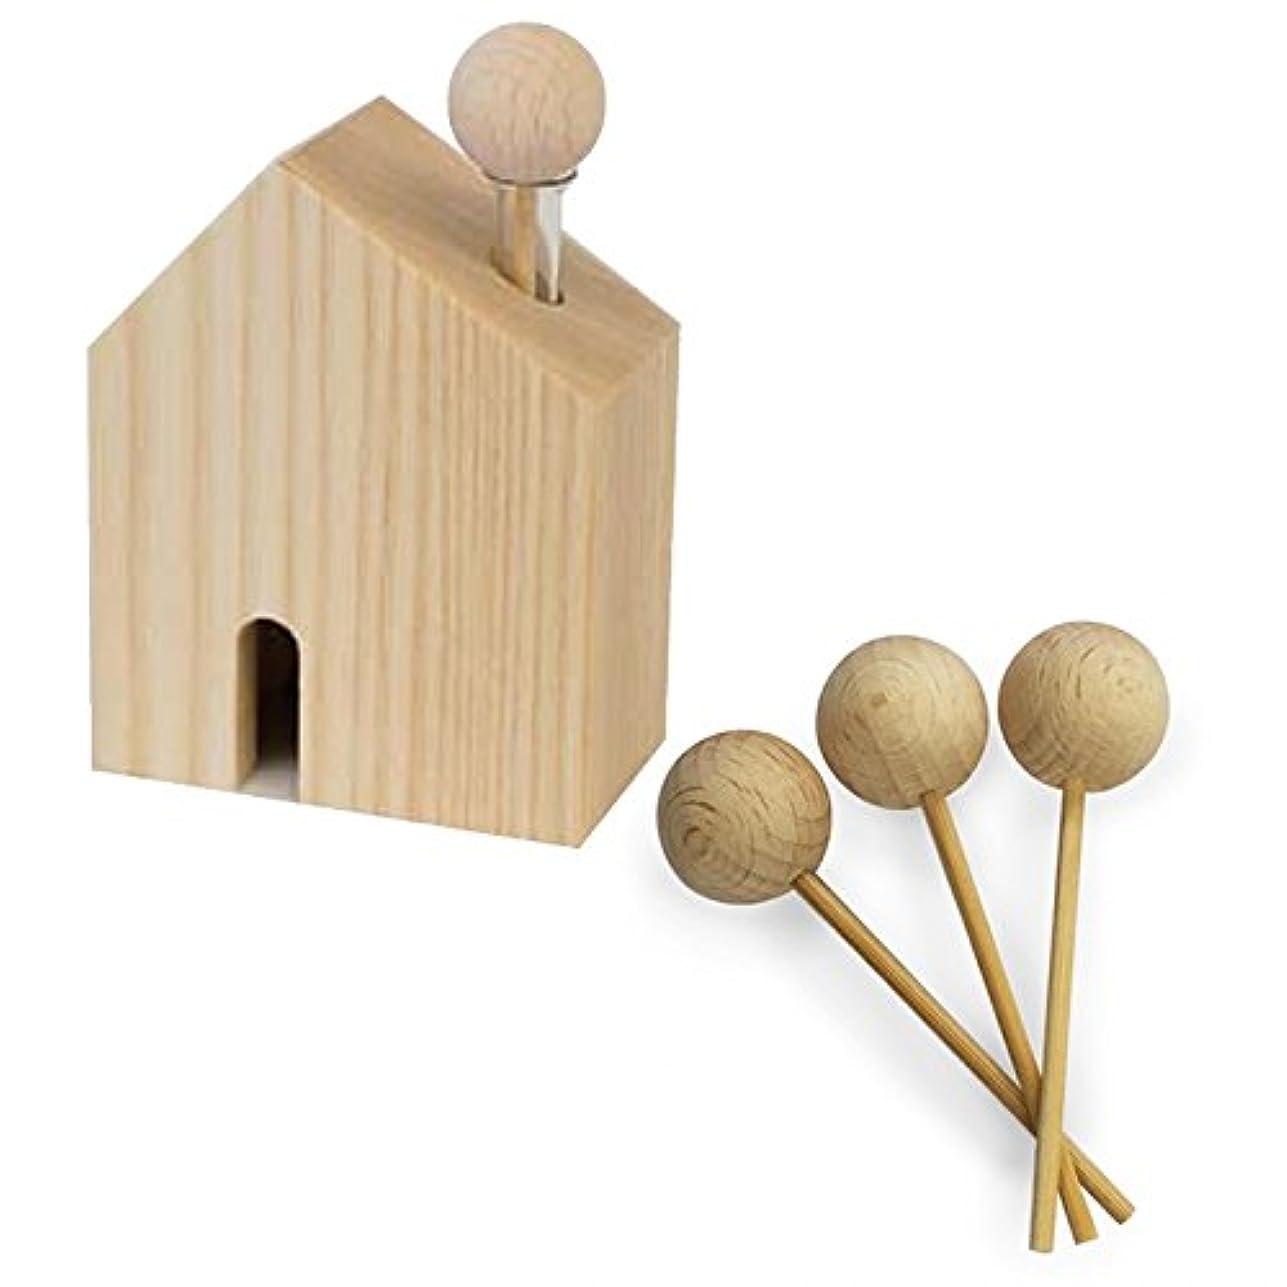 私たち自身ルーフ関係HARIO ハリオ アロマ芳香器 木のお家 交換用木製スティック3本付